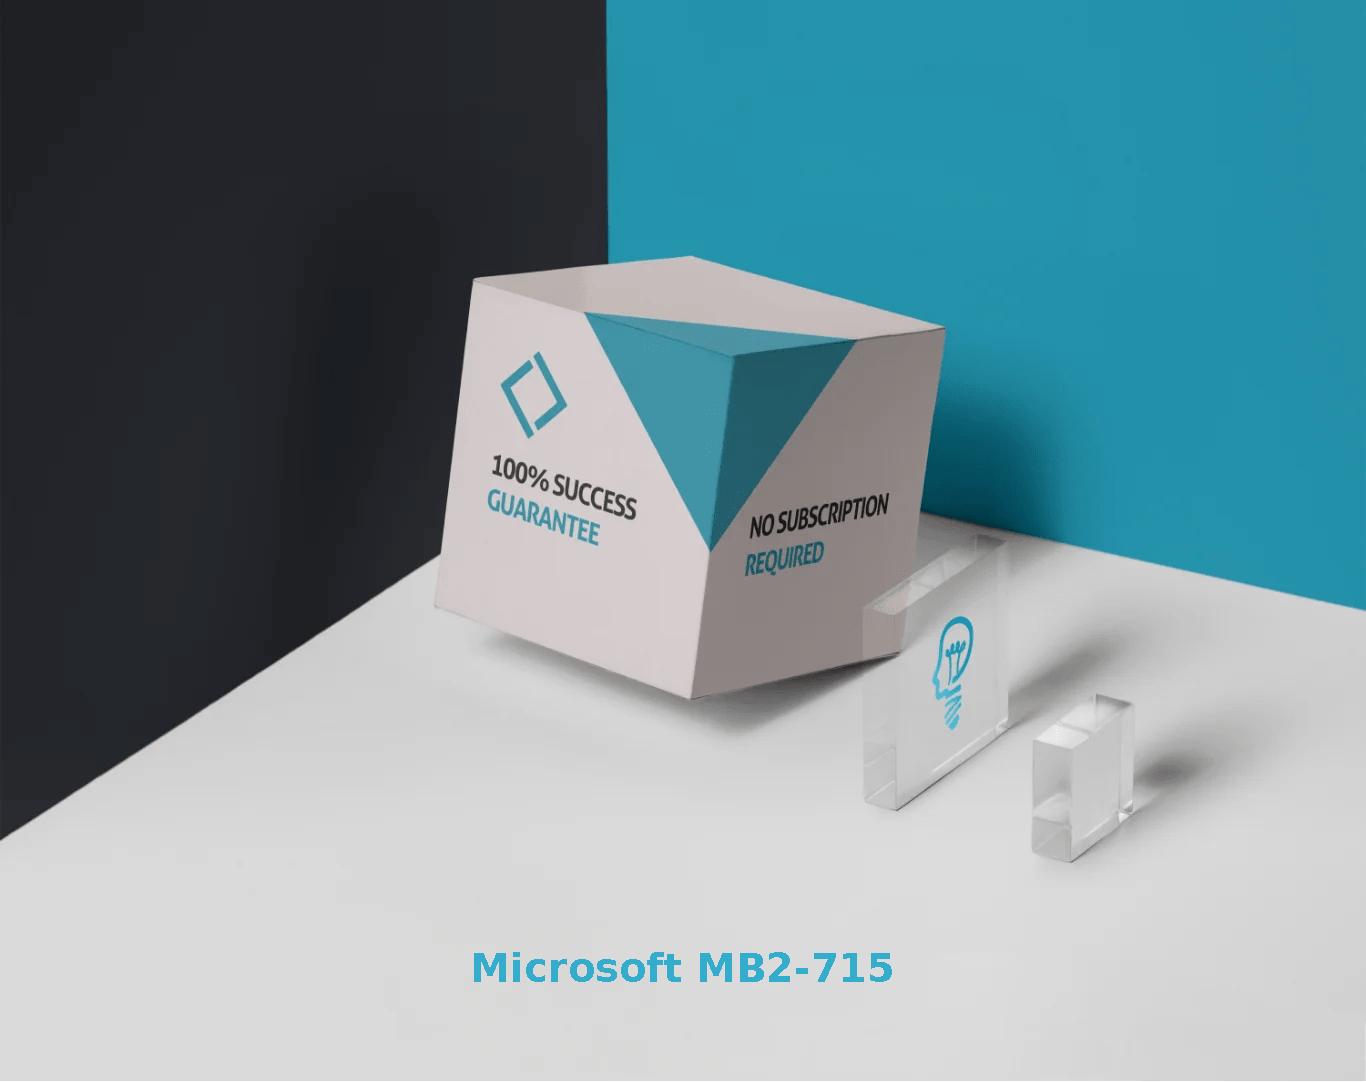 MB2-715 Dumps